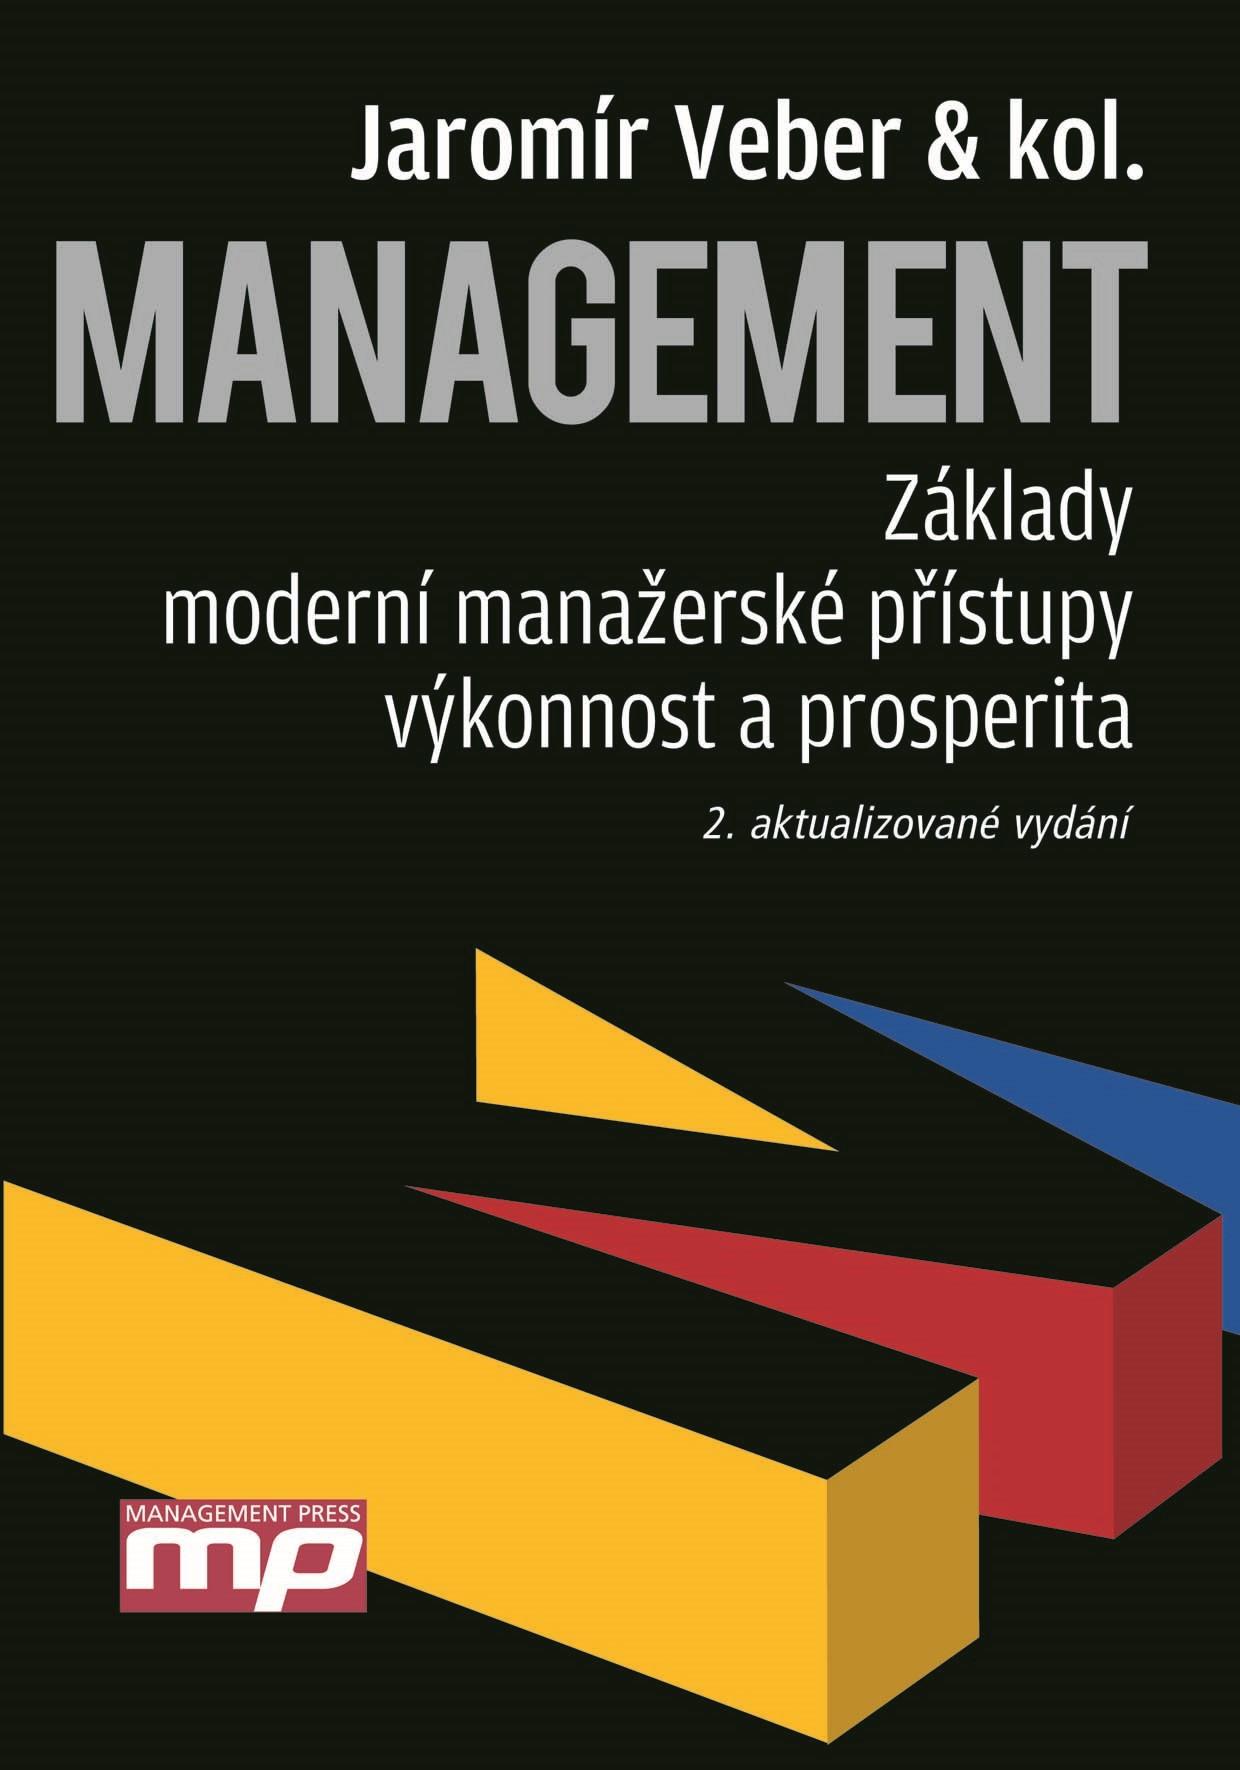 Management - Základy, moderní manažerské přístupy, výkonnost a prosperita | Jaromír Veber